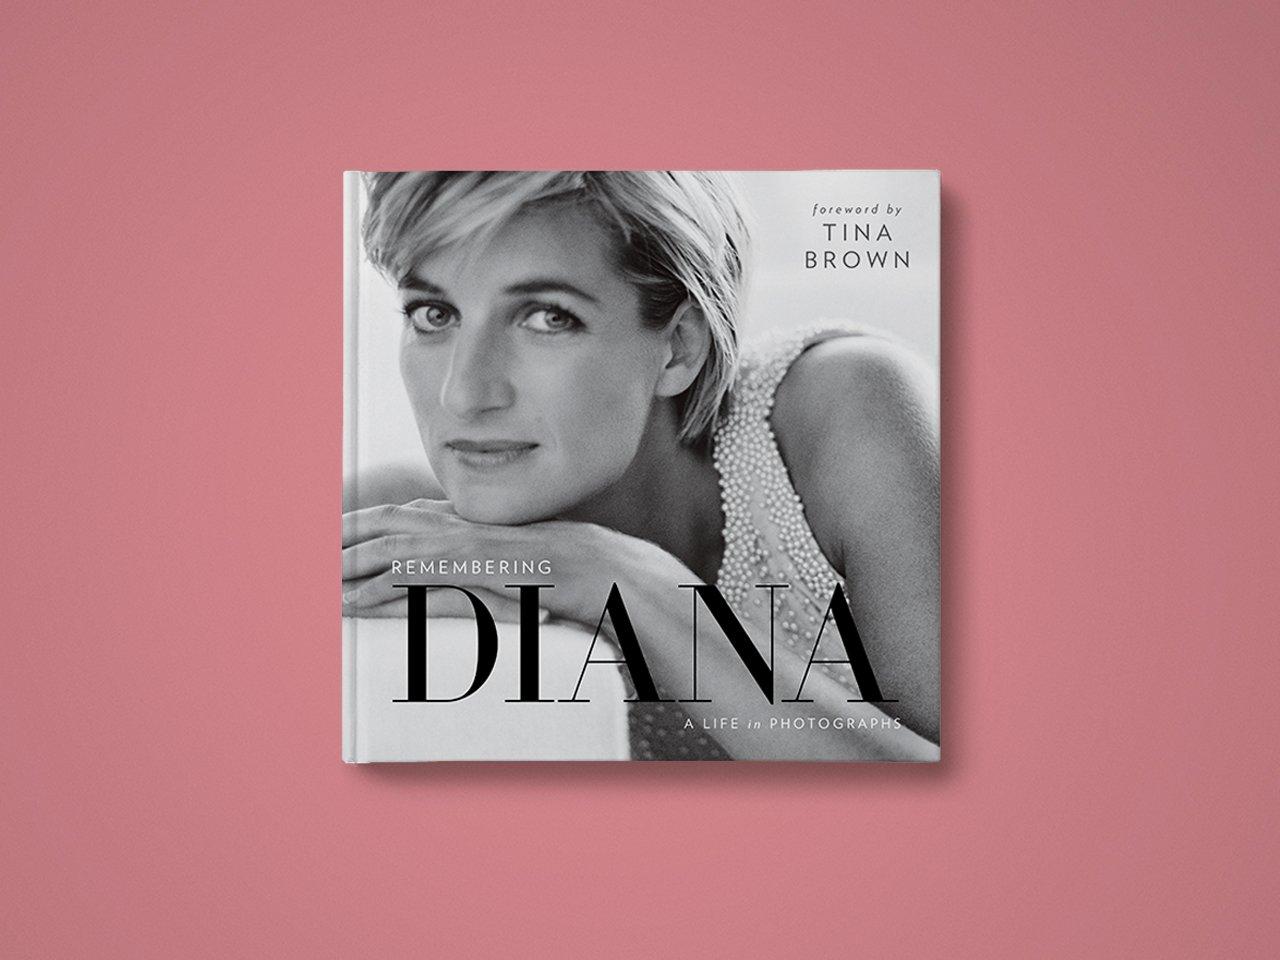 Remembering DIana book